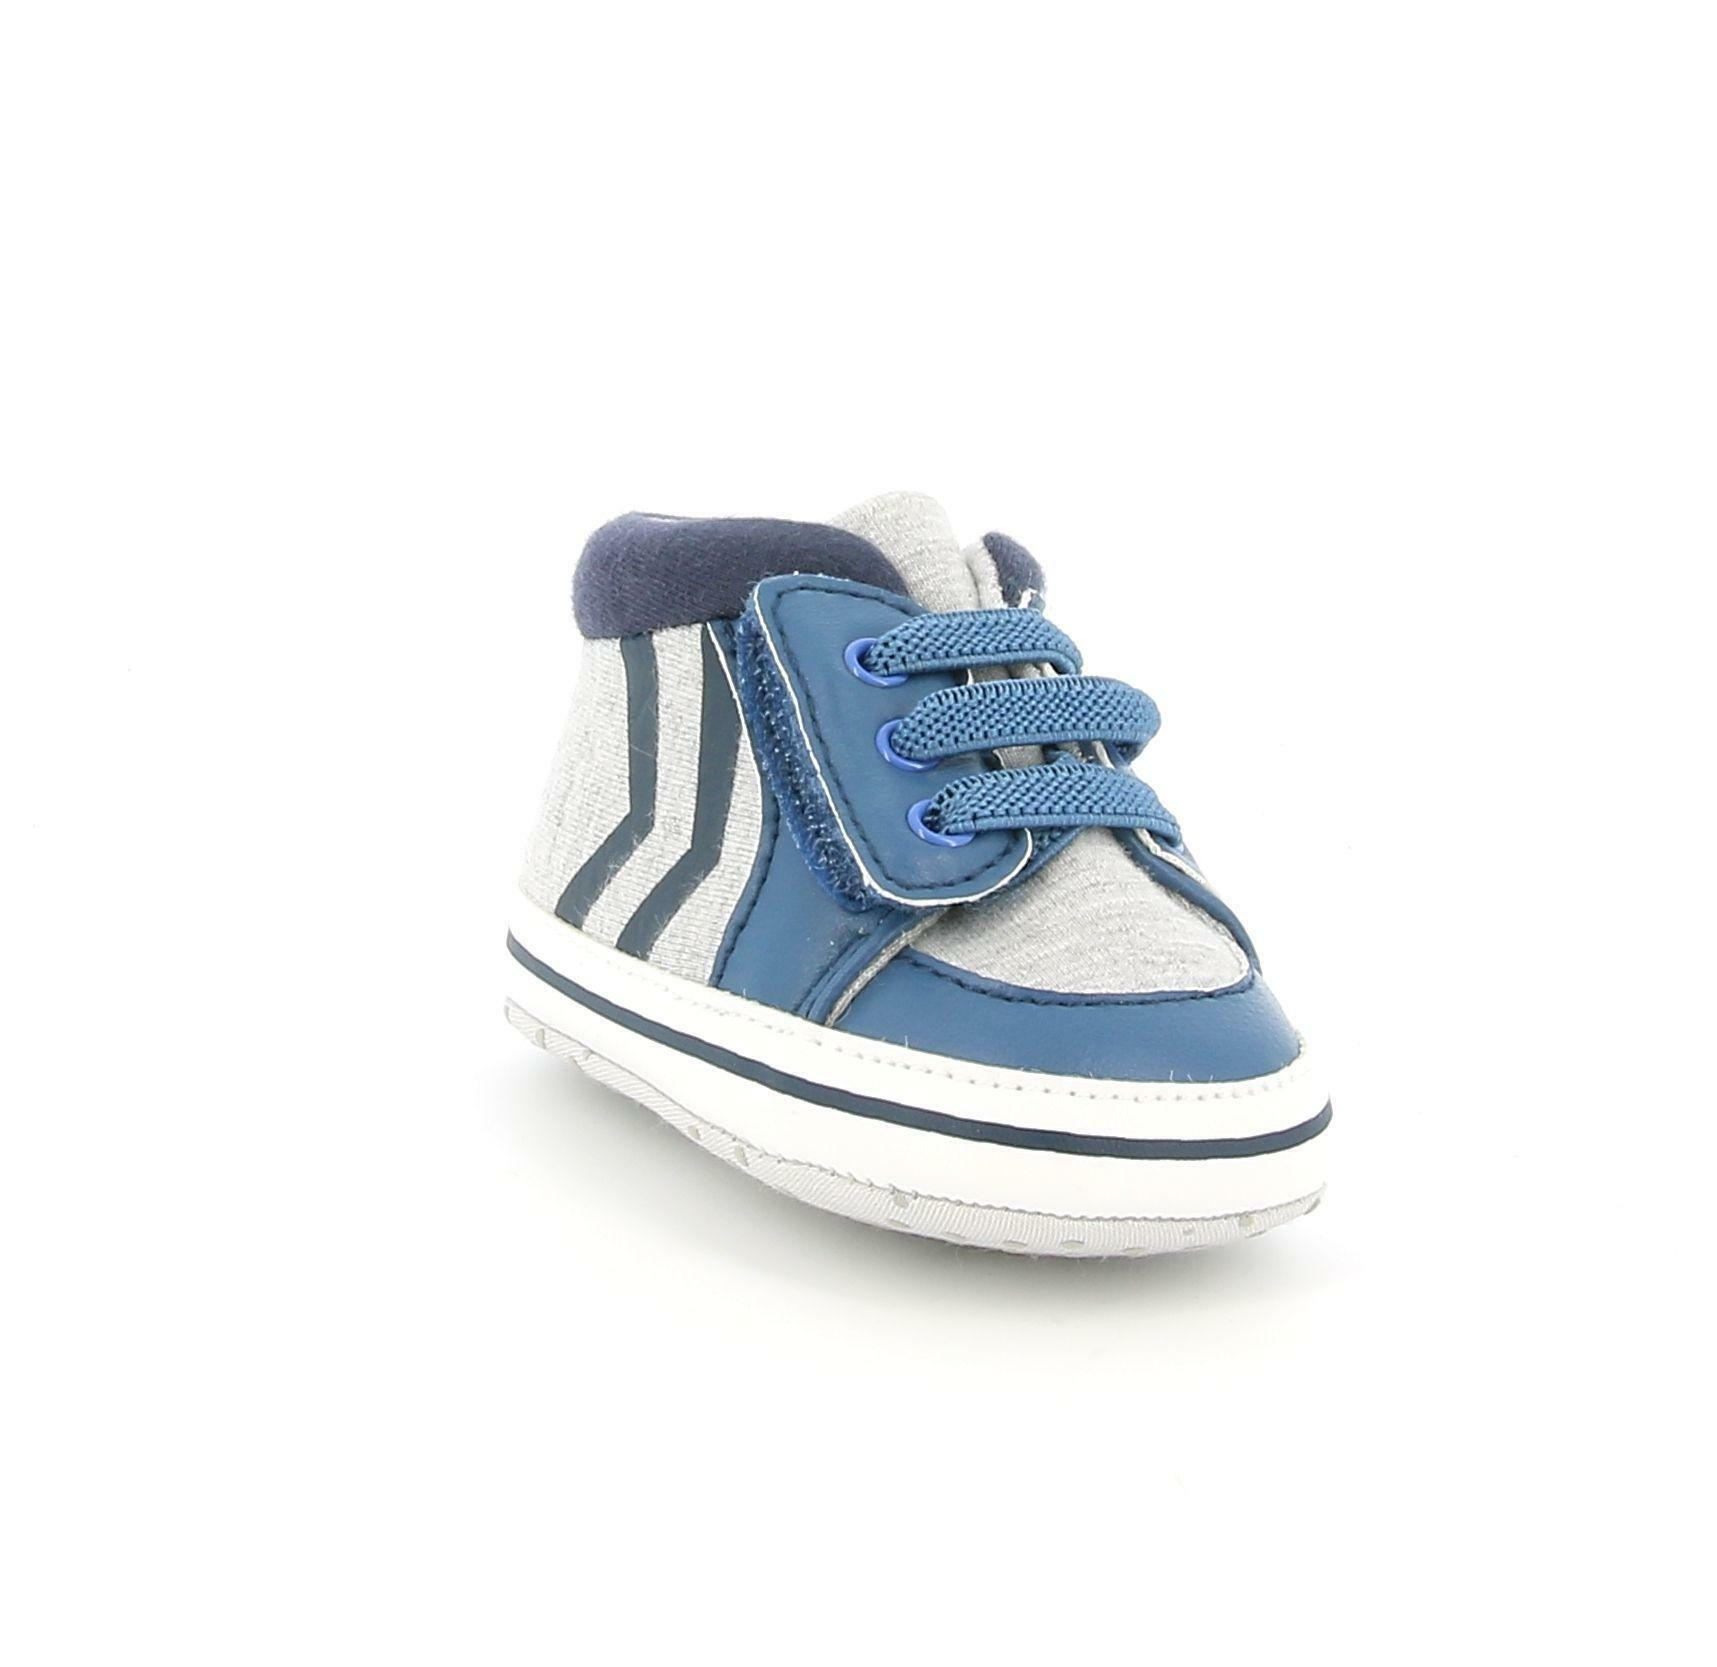 chicco chicco culla 64406 grigio sneakers bimbo